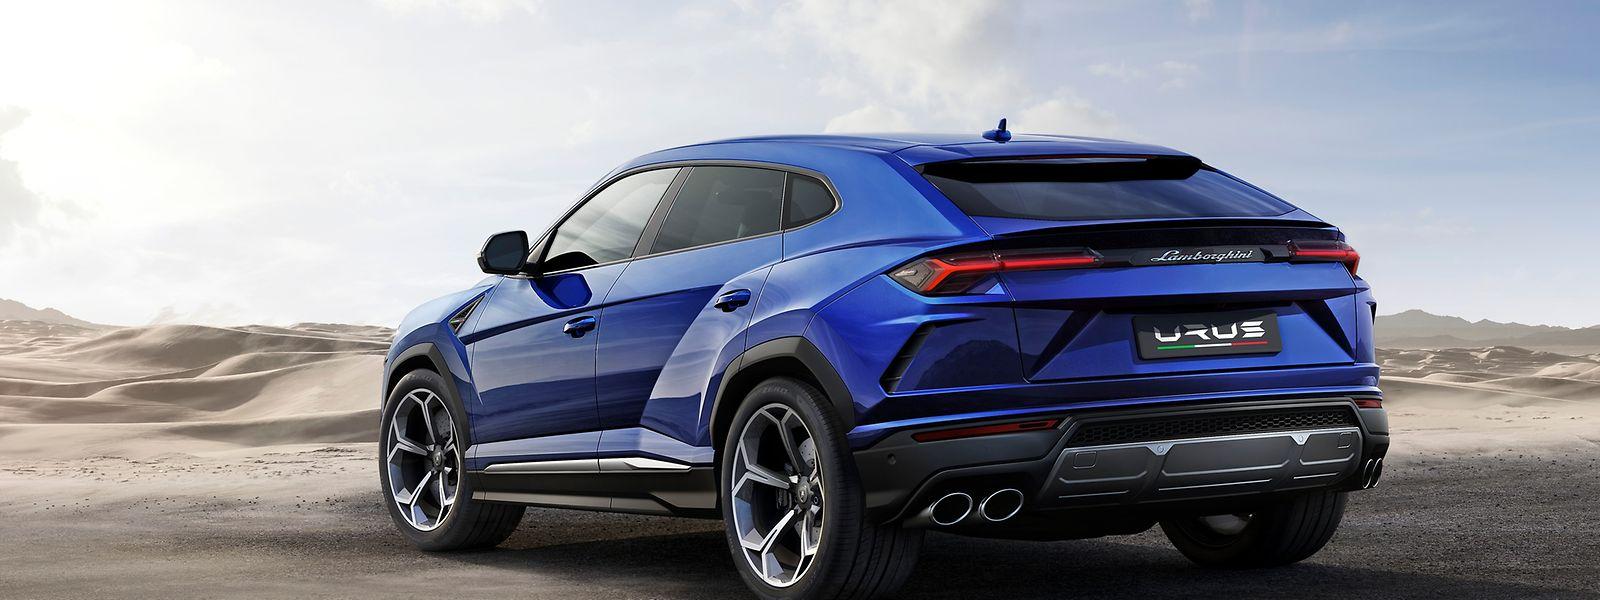 Der Lamborghini Urus verfügt über einen 478 kW (650 PS) starken 4,0-Liter-V8-Biturbo, der den Italiener bis zu 305 km/h schnell macht.